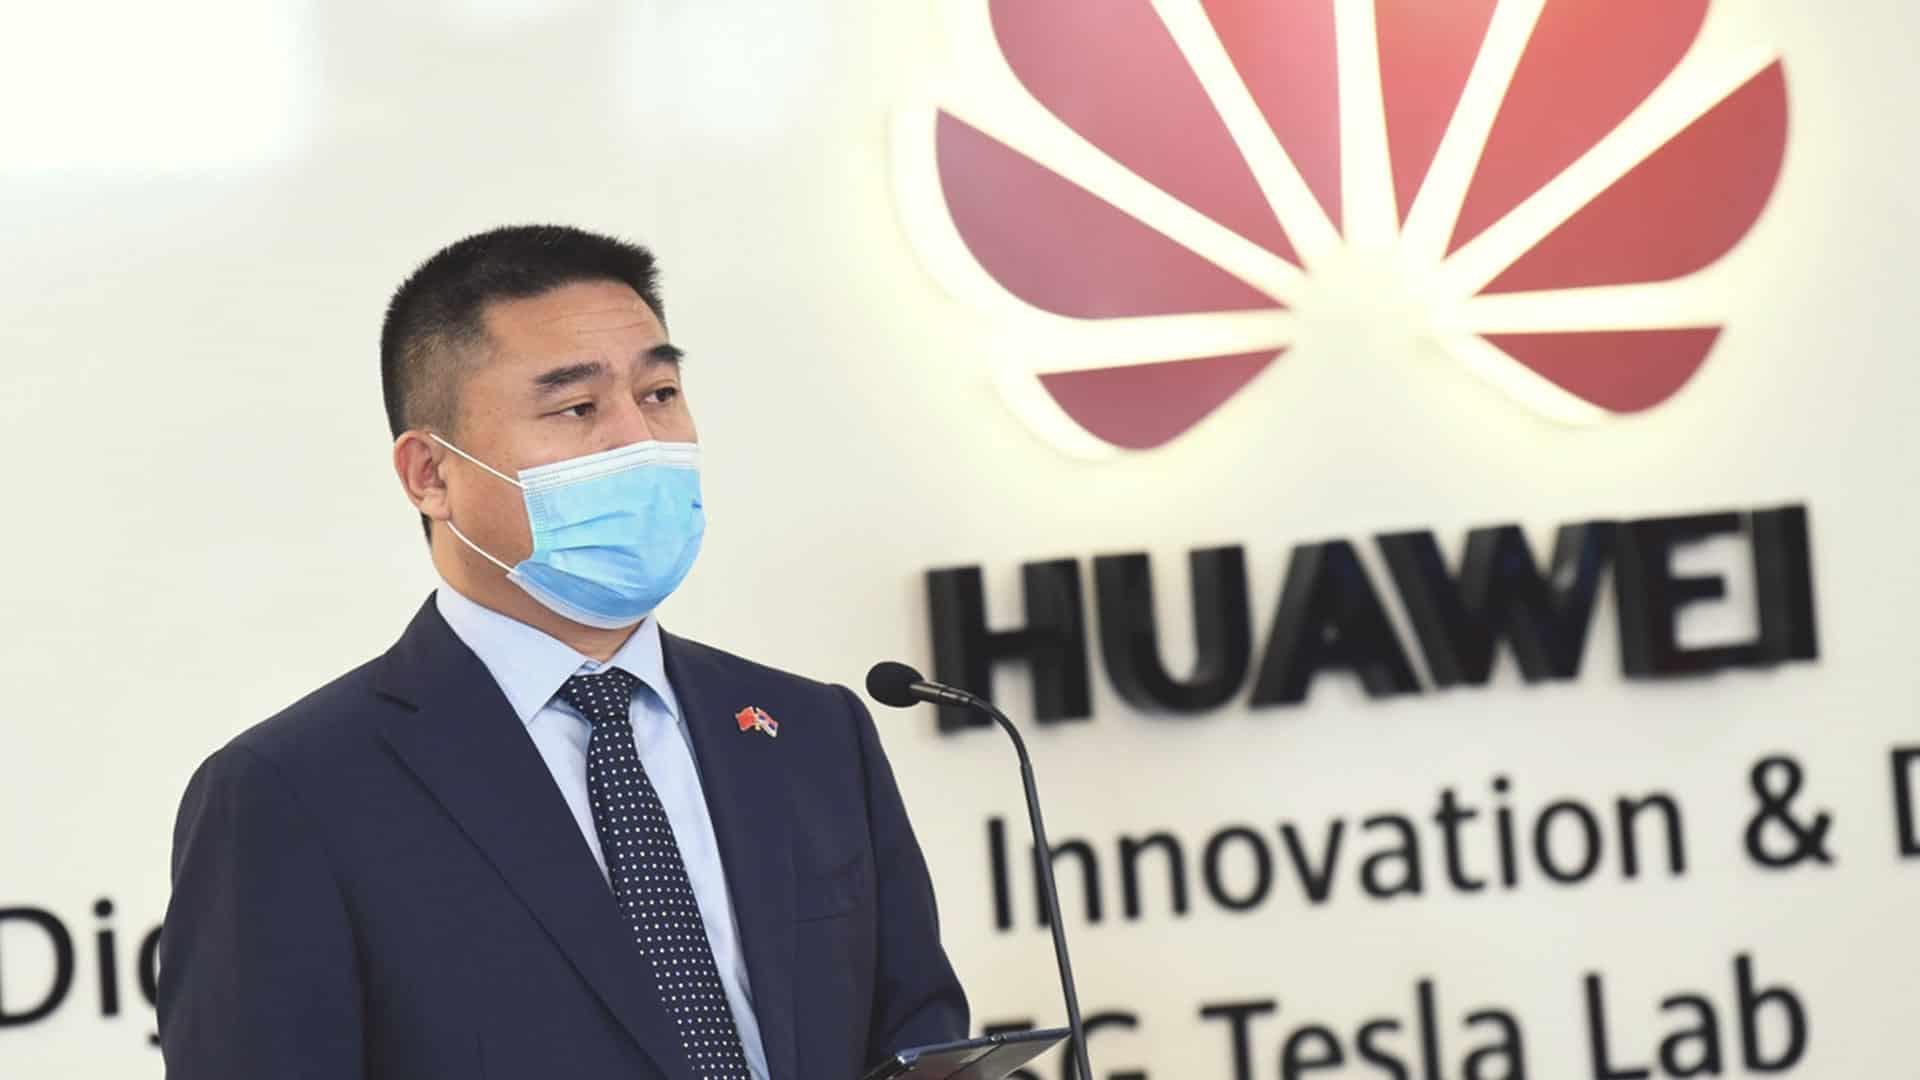 Huawei centar za inovacije i razvoj digitalizacije u Beogradu